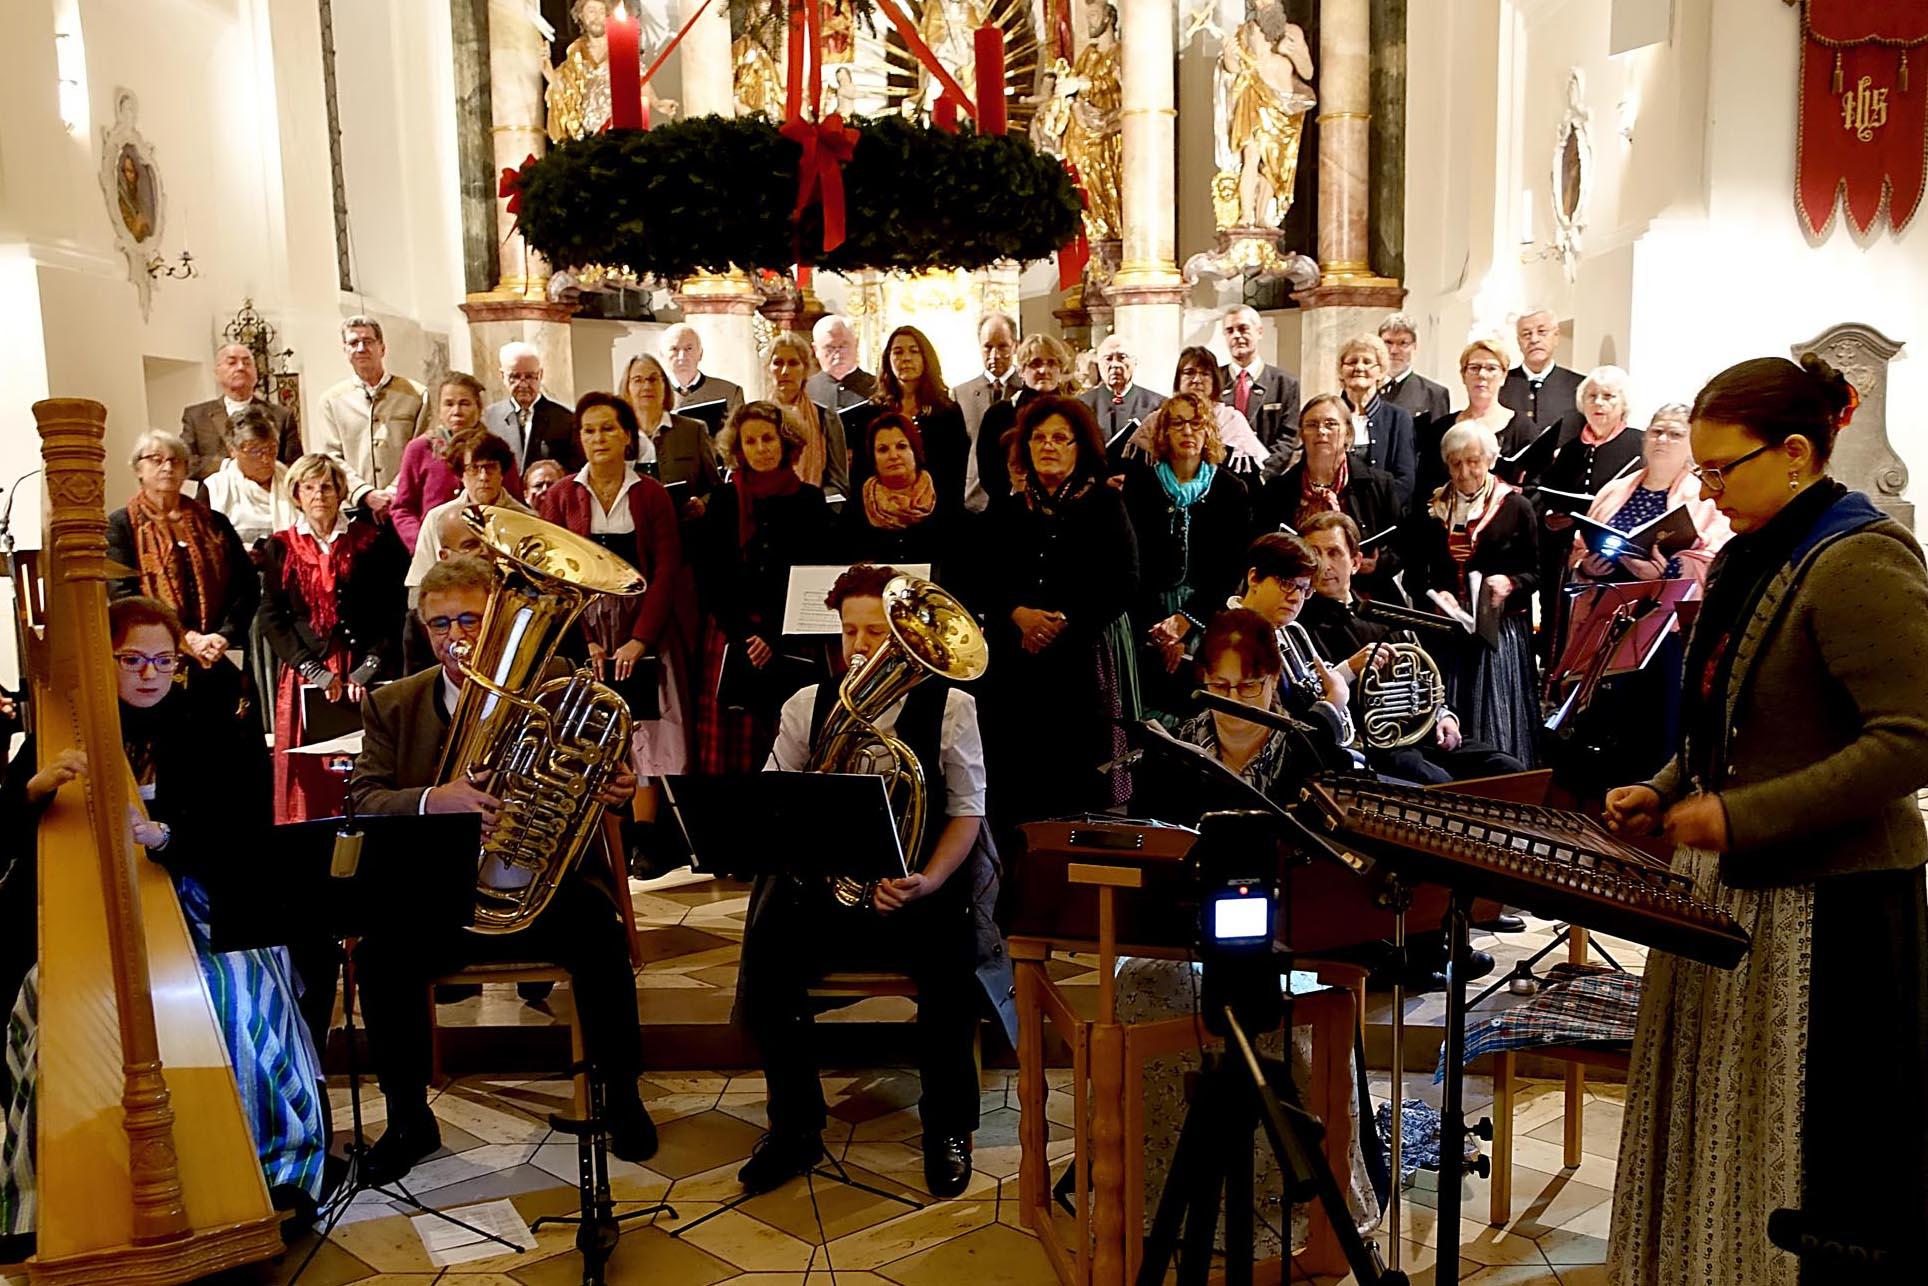 09. 12. 2018 - Alpenländisches Adventsingen in der Kath. Pfarrkirche St Ägidius, Grafing